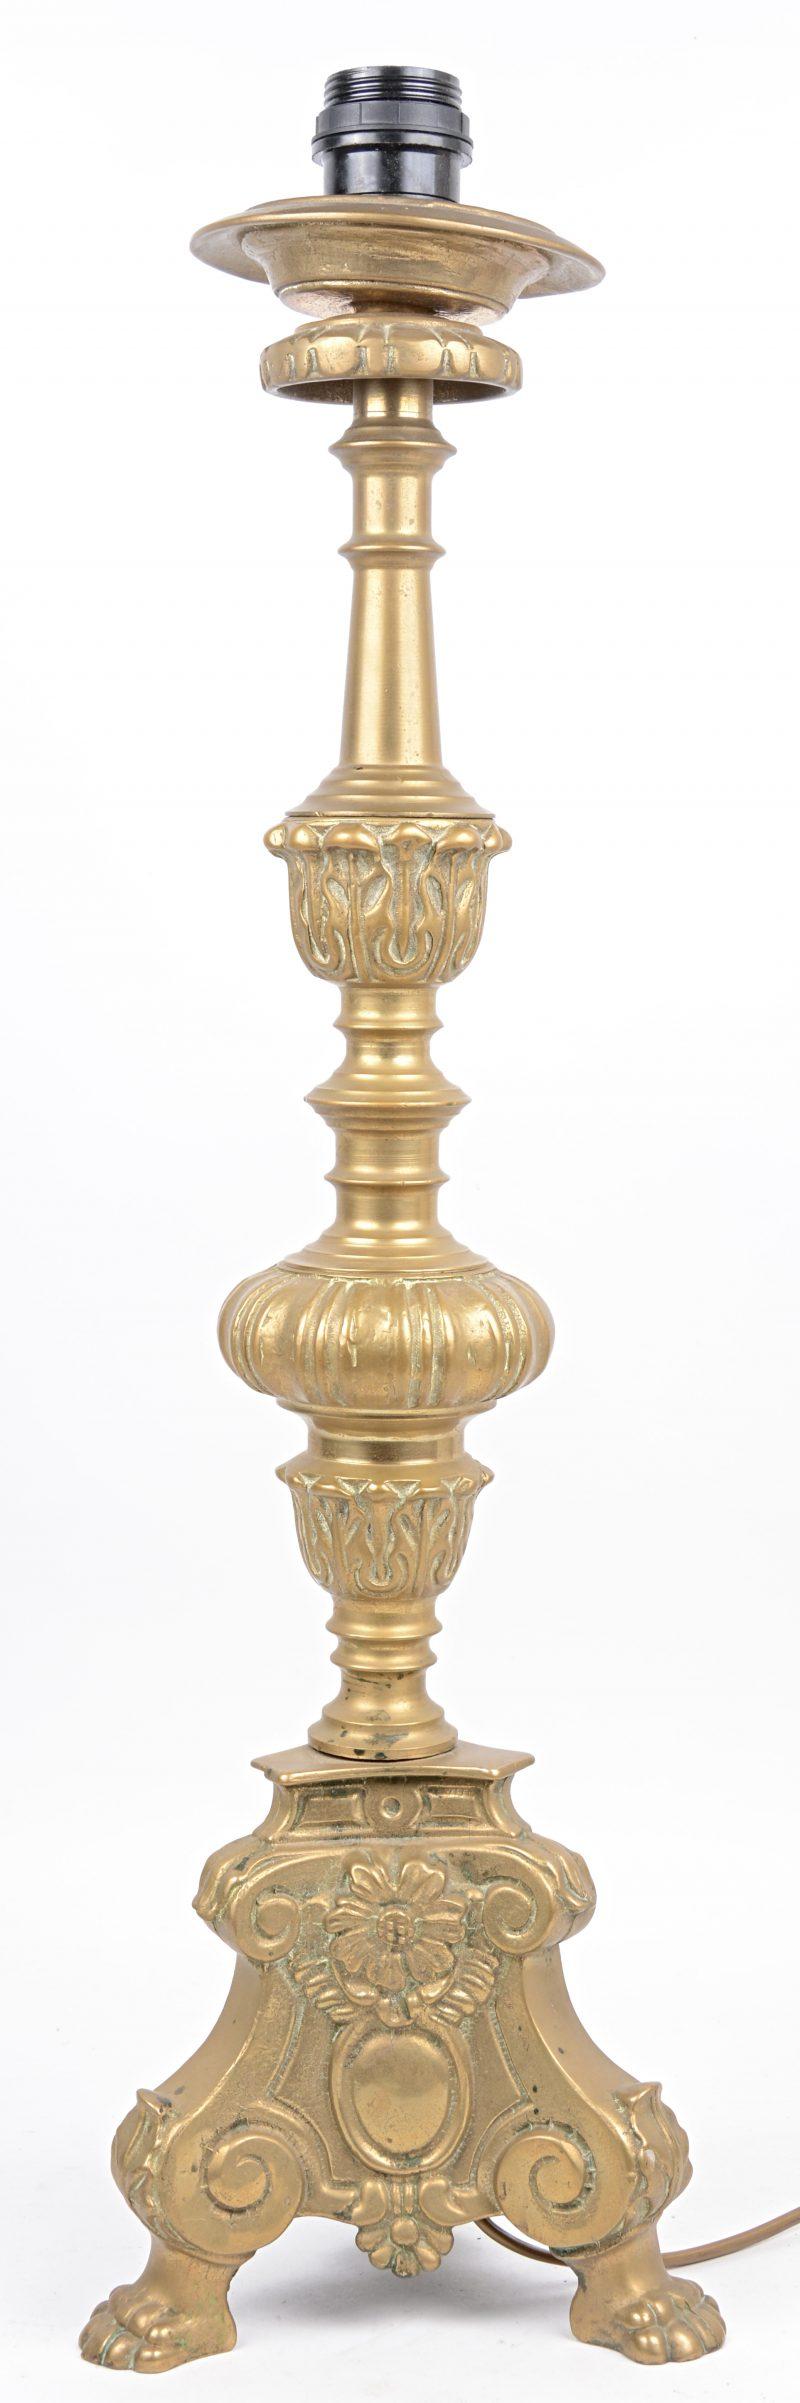 Een vol messingen kandelaar in barokke stijl, gemonteerd als lamp.